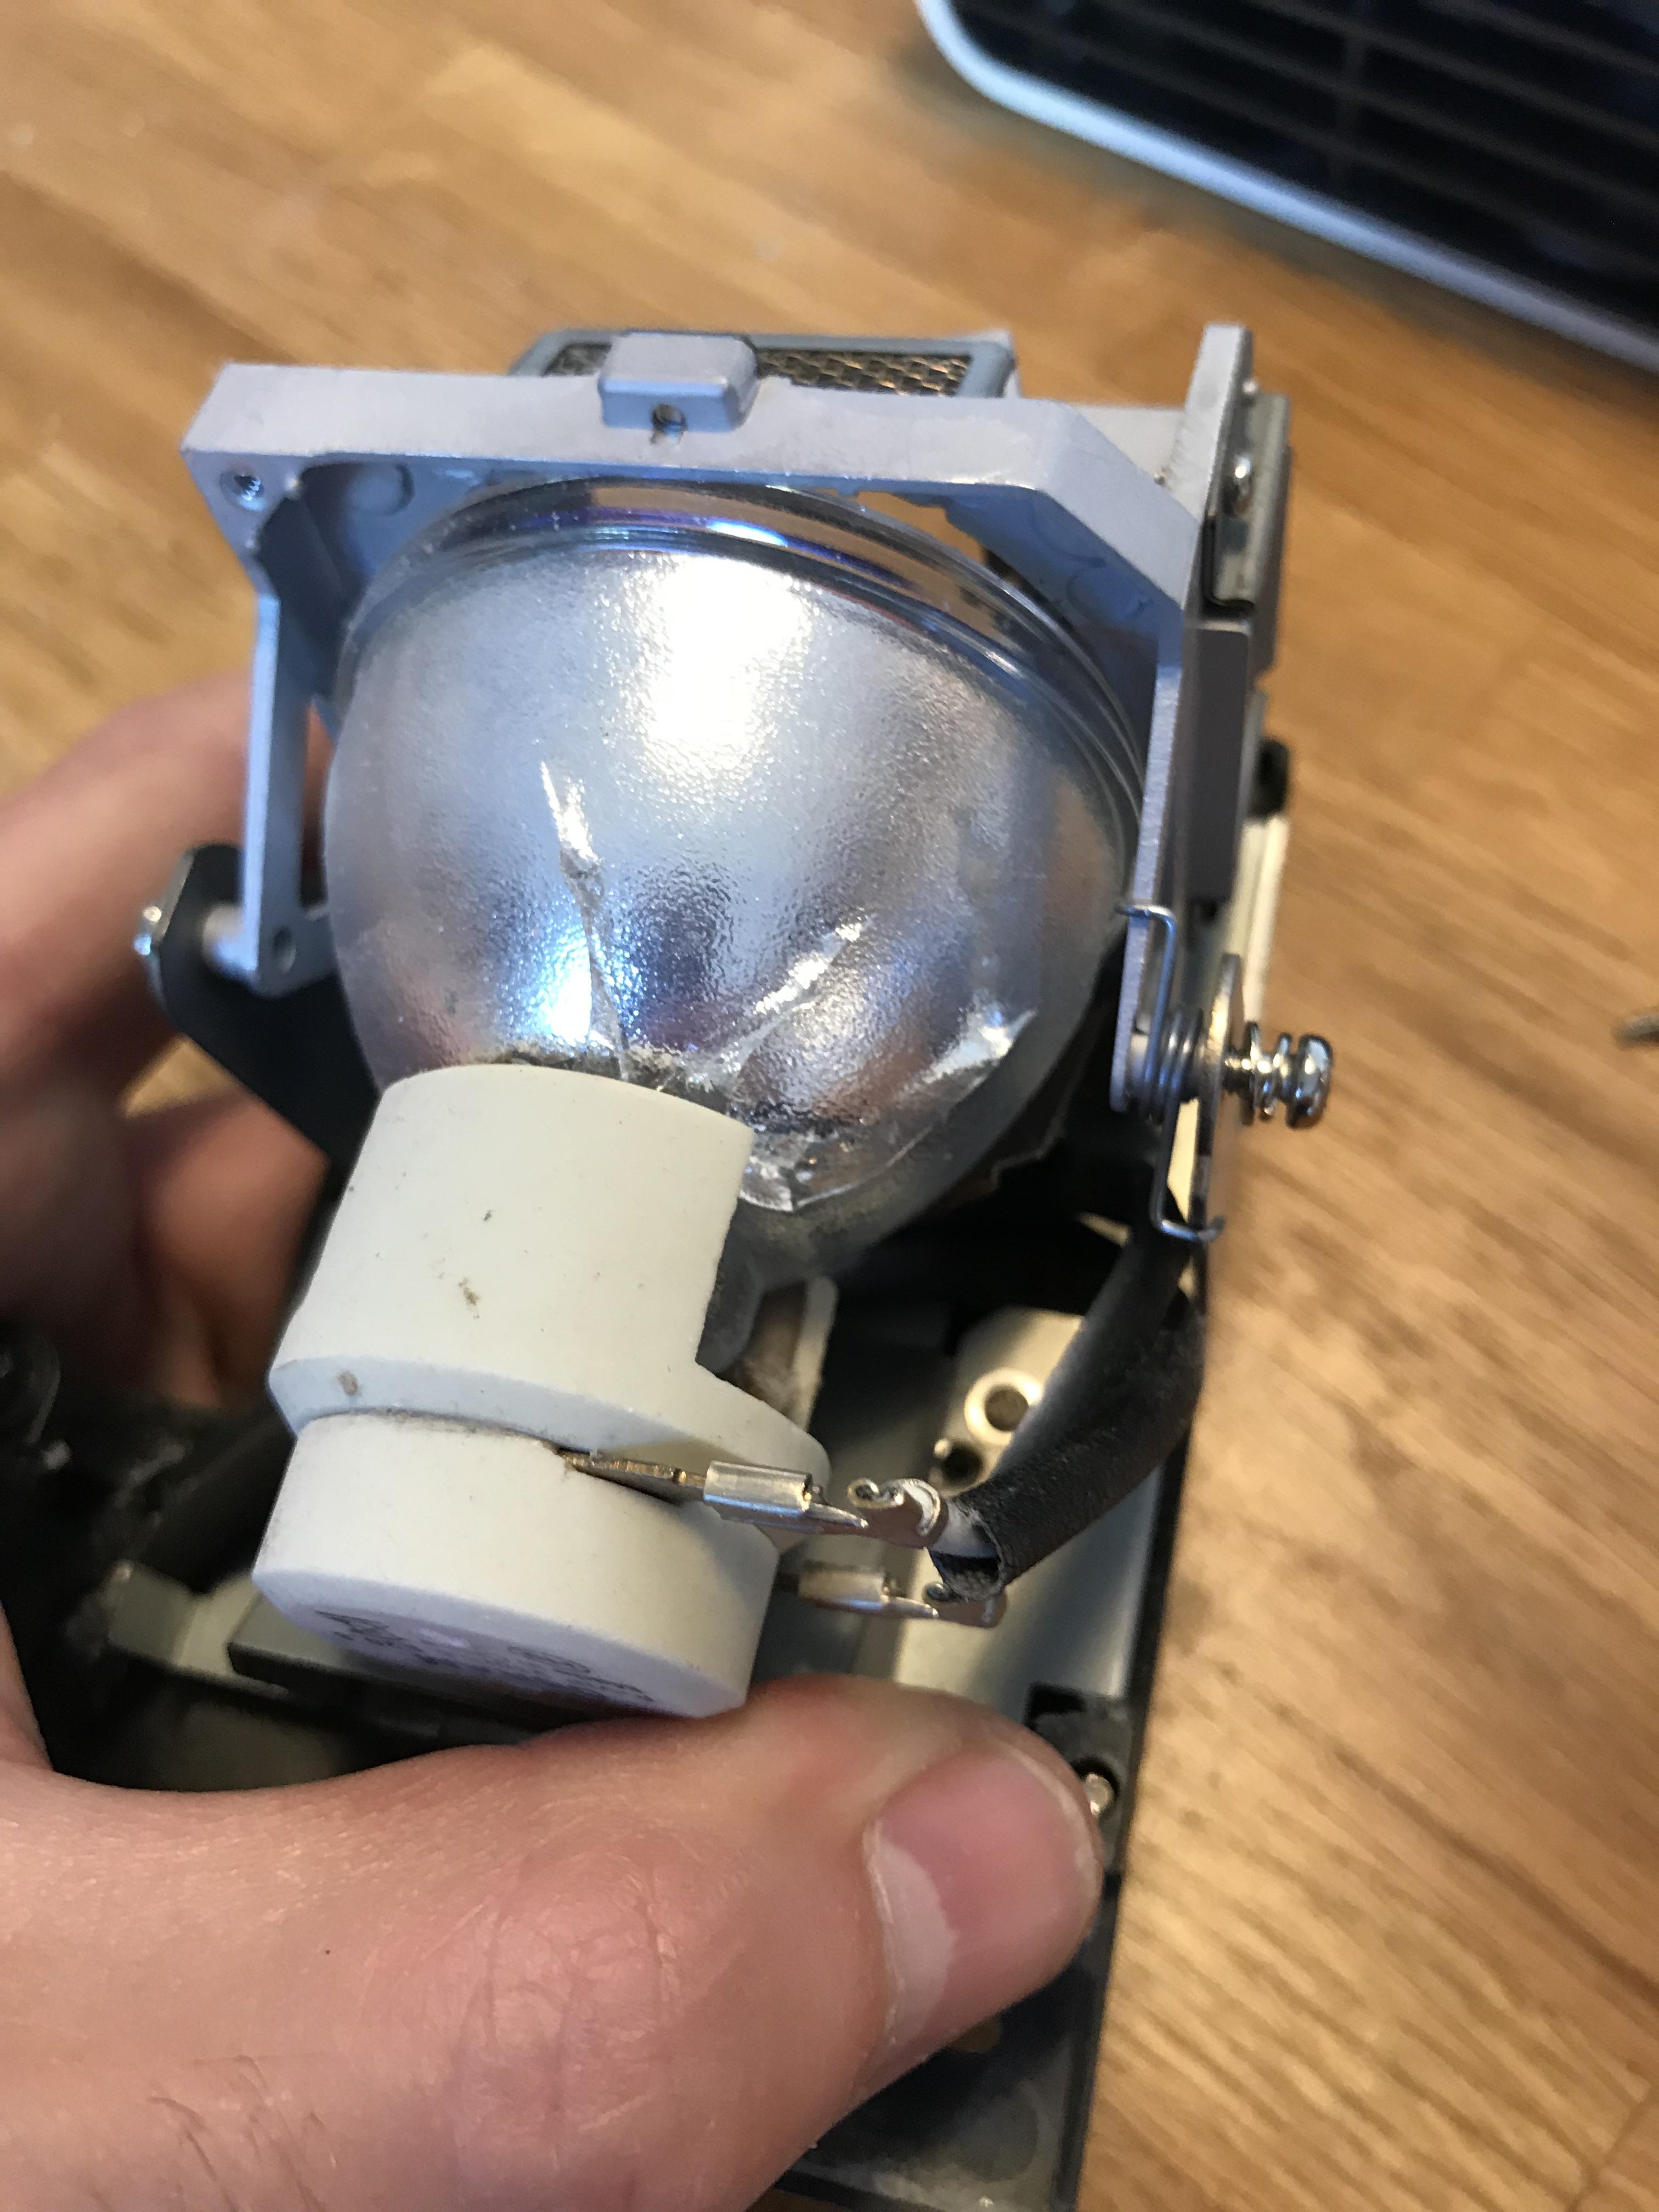 Die zwei Stecker an der Lampe sollte man sich gut merken. Die müssen an der neuen Birne genau so angesteckt werden. Das Abziehen ging hier ziemlich schwer.